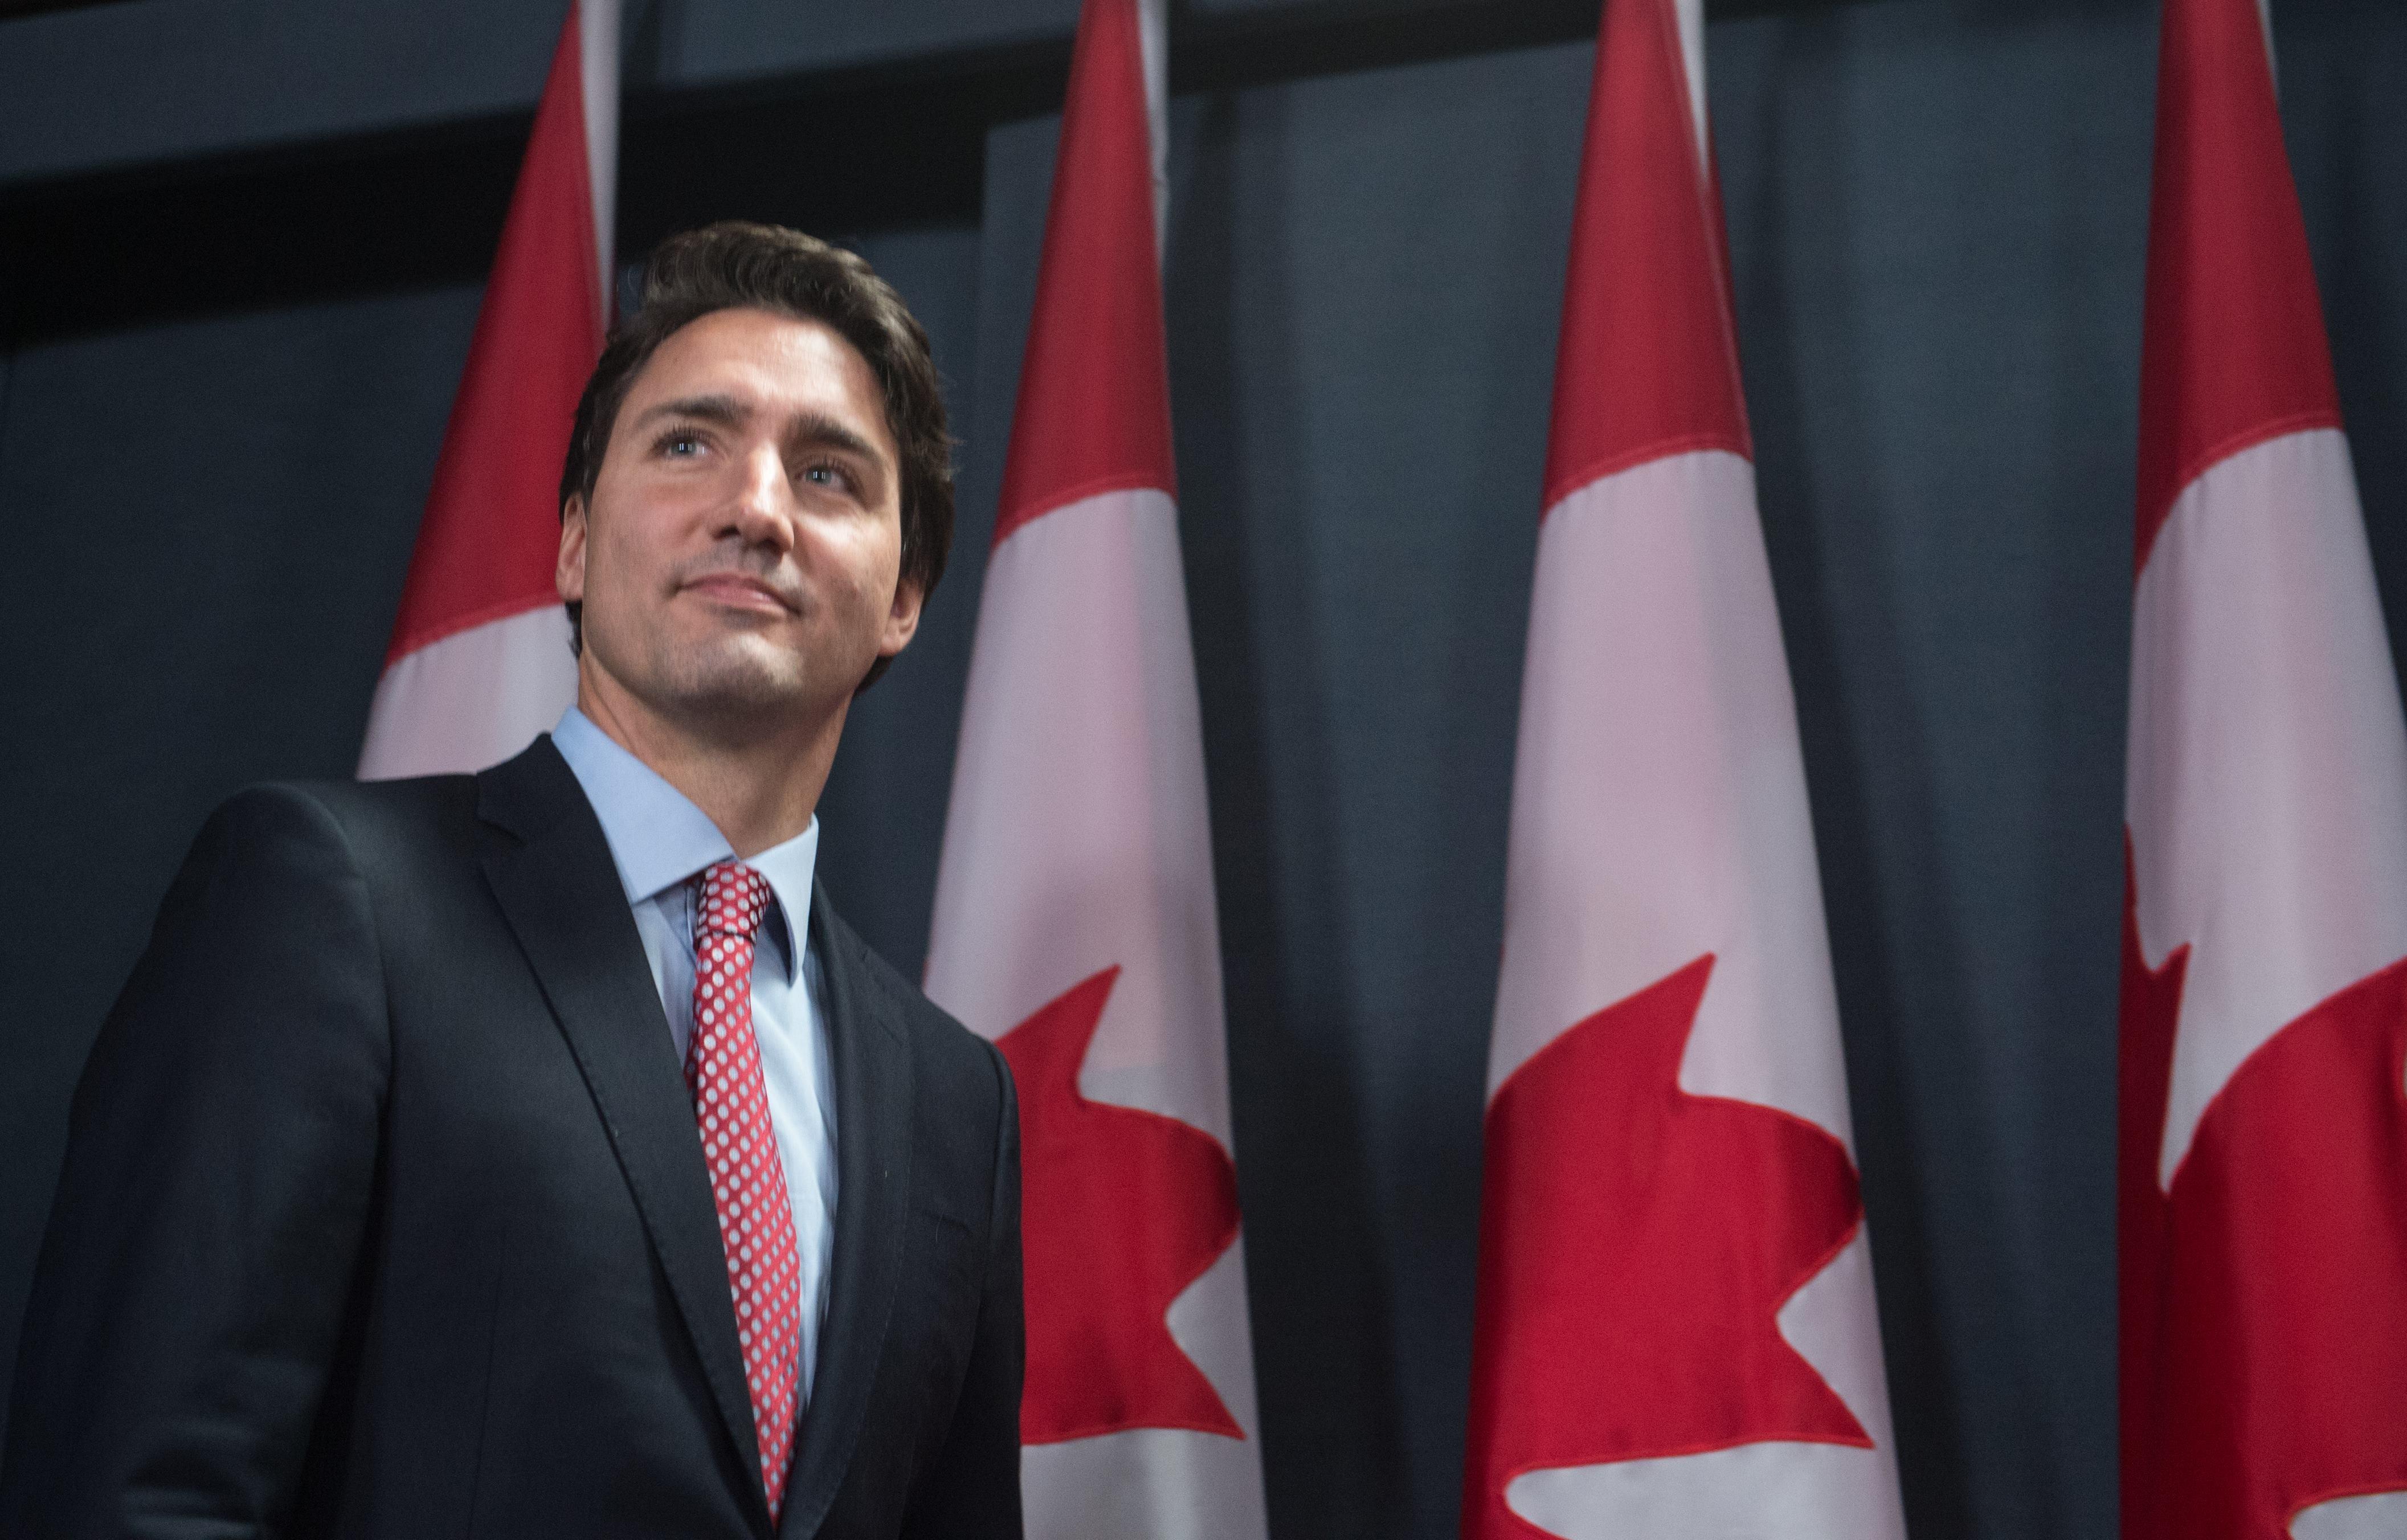 Optimistic Trudeau Administration Brings Canada Closer to US Democrats